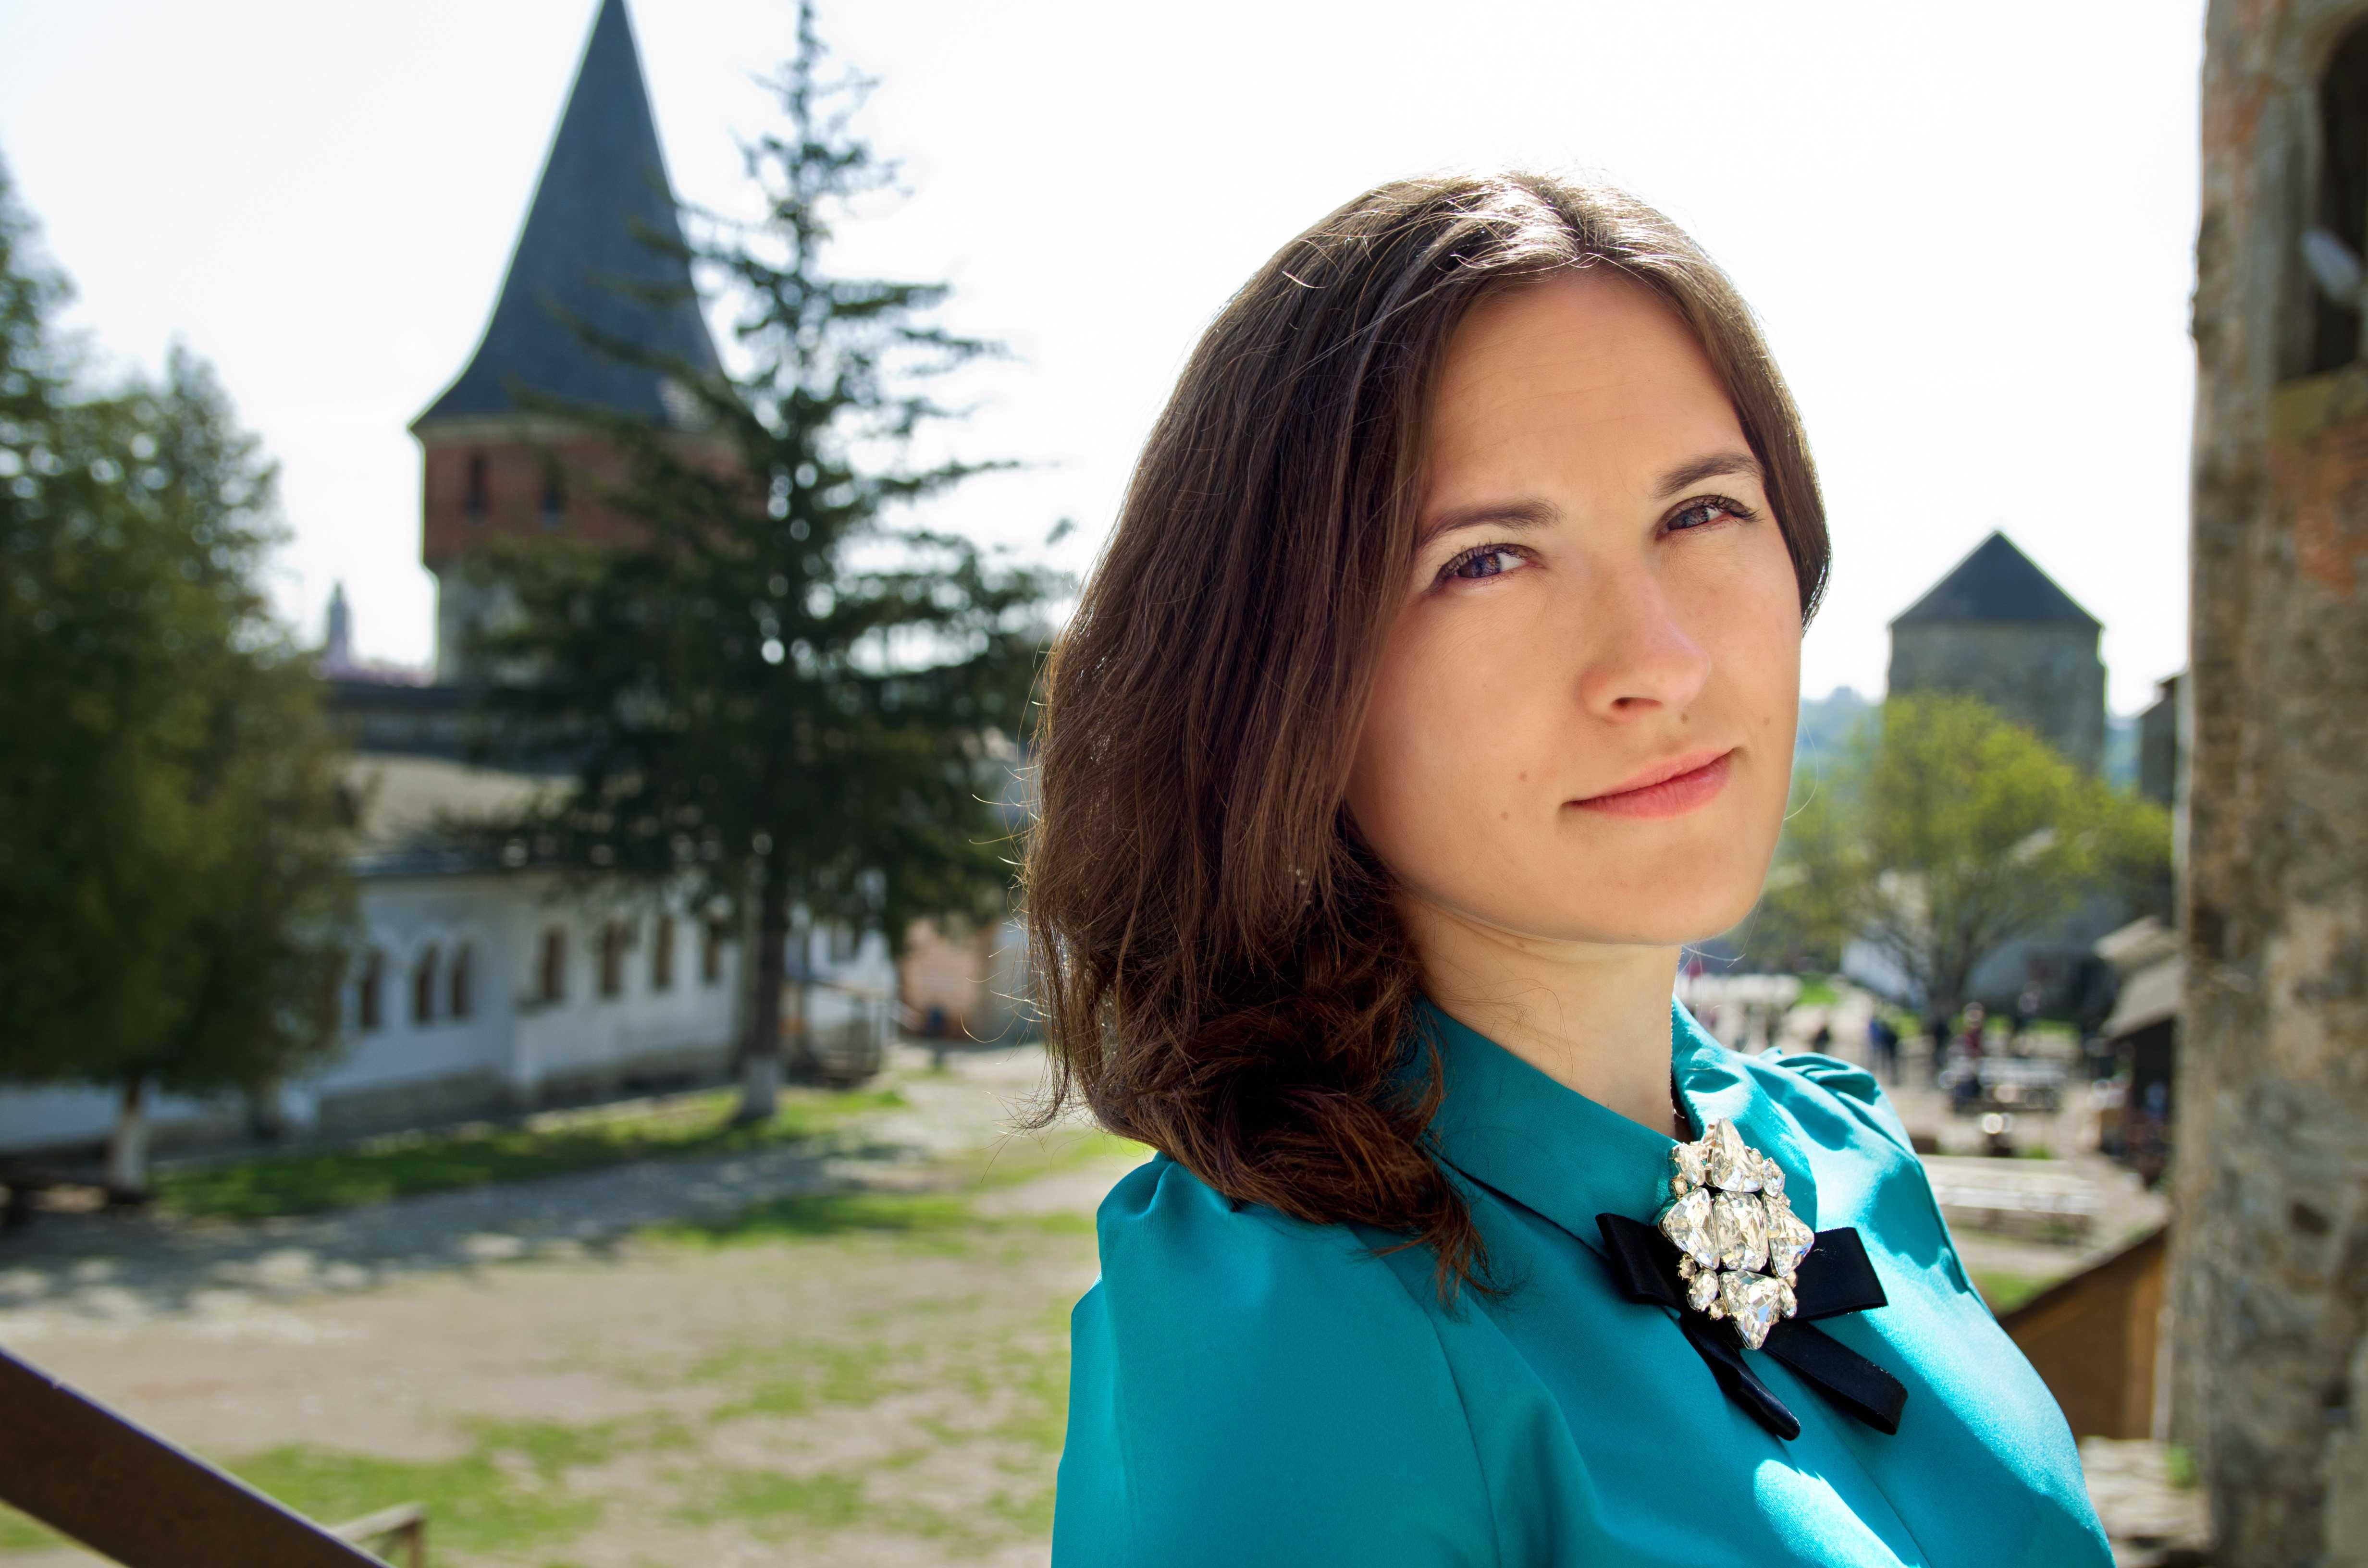 dsc 1116 - Тетяна Сметанюк: Ваша команда,  це люди з якими ви можете роками працювати, а згодом називати їх сім'єю